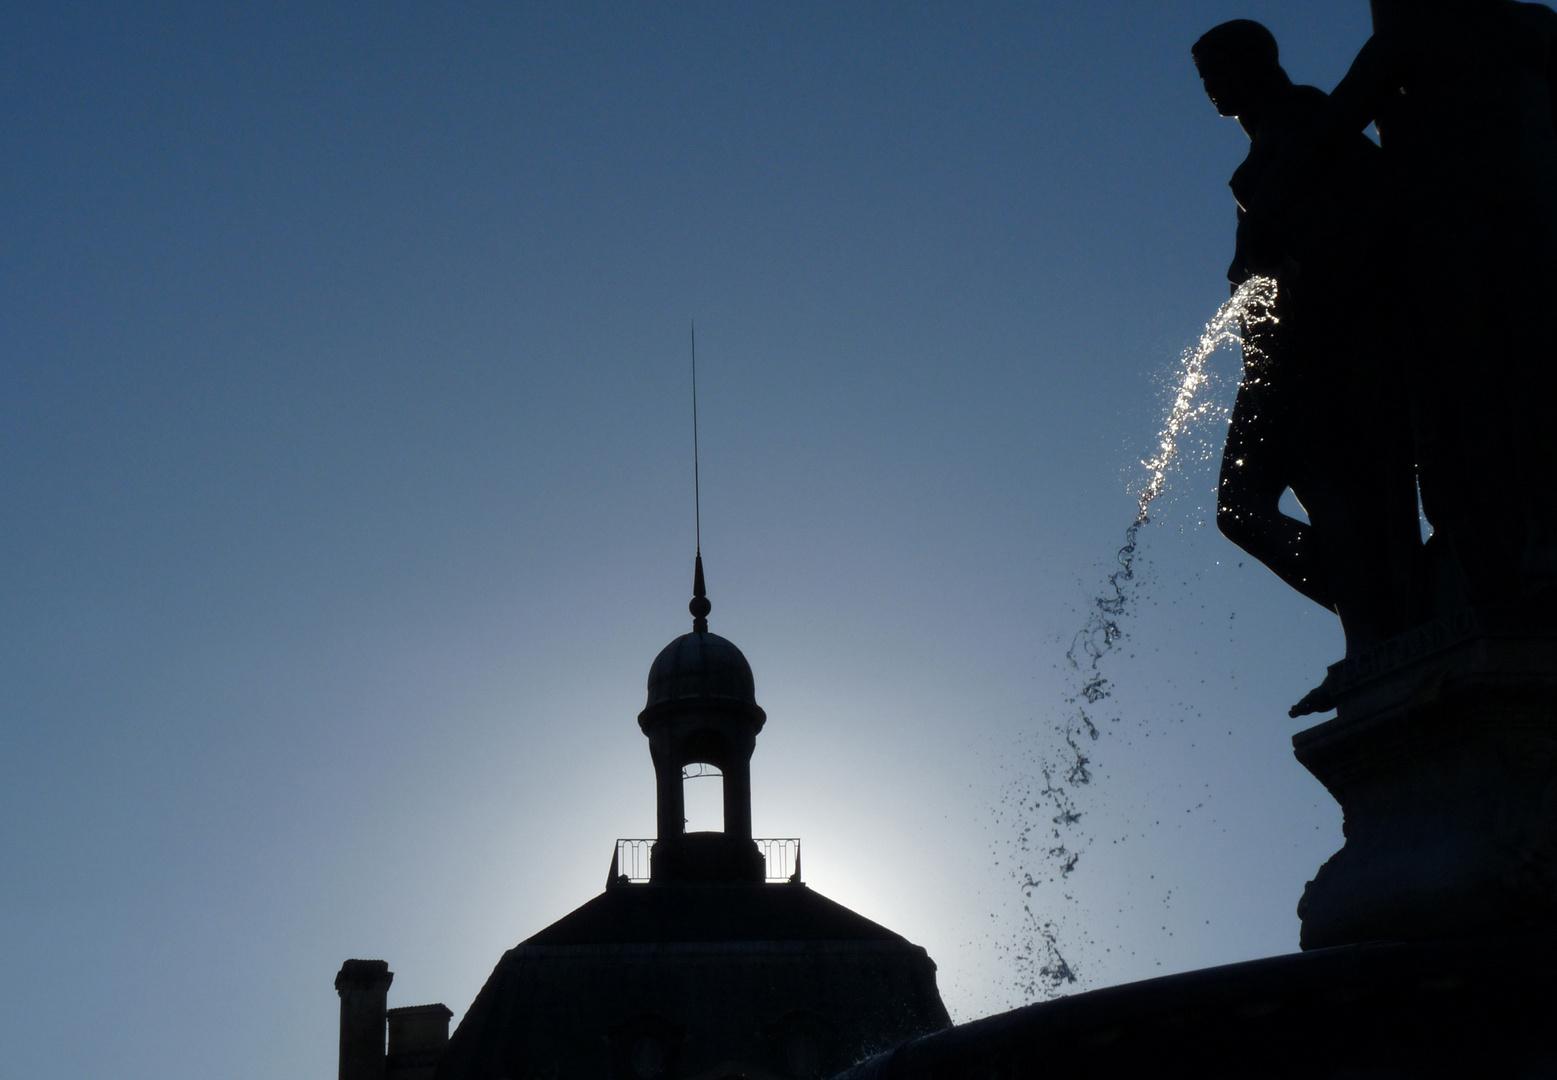 Un rayon sur la fontaine.